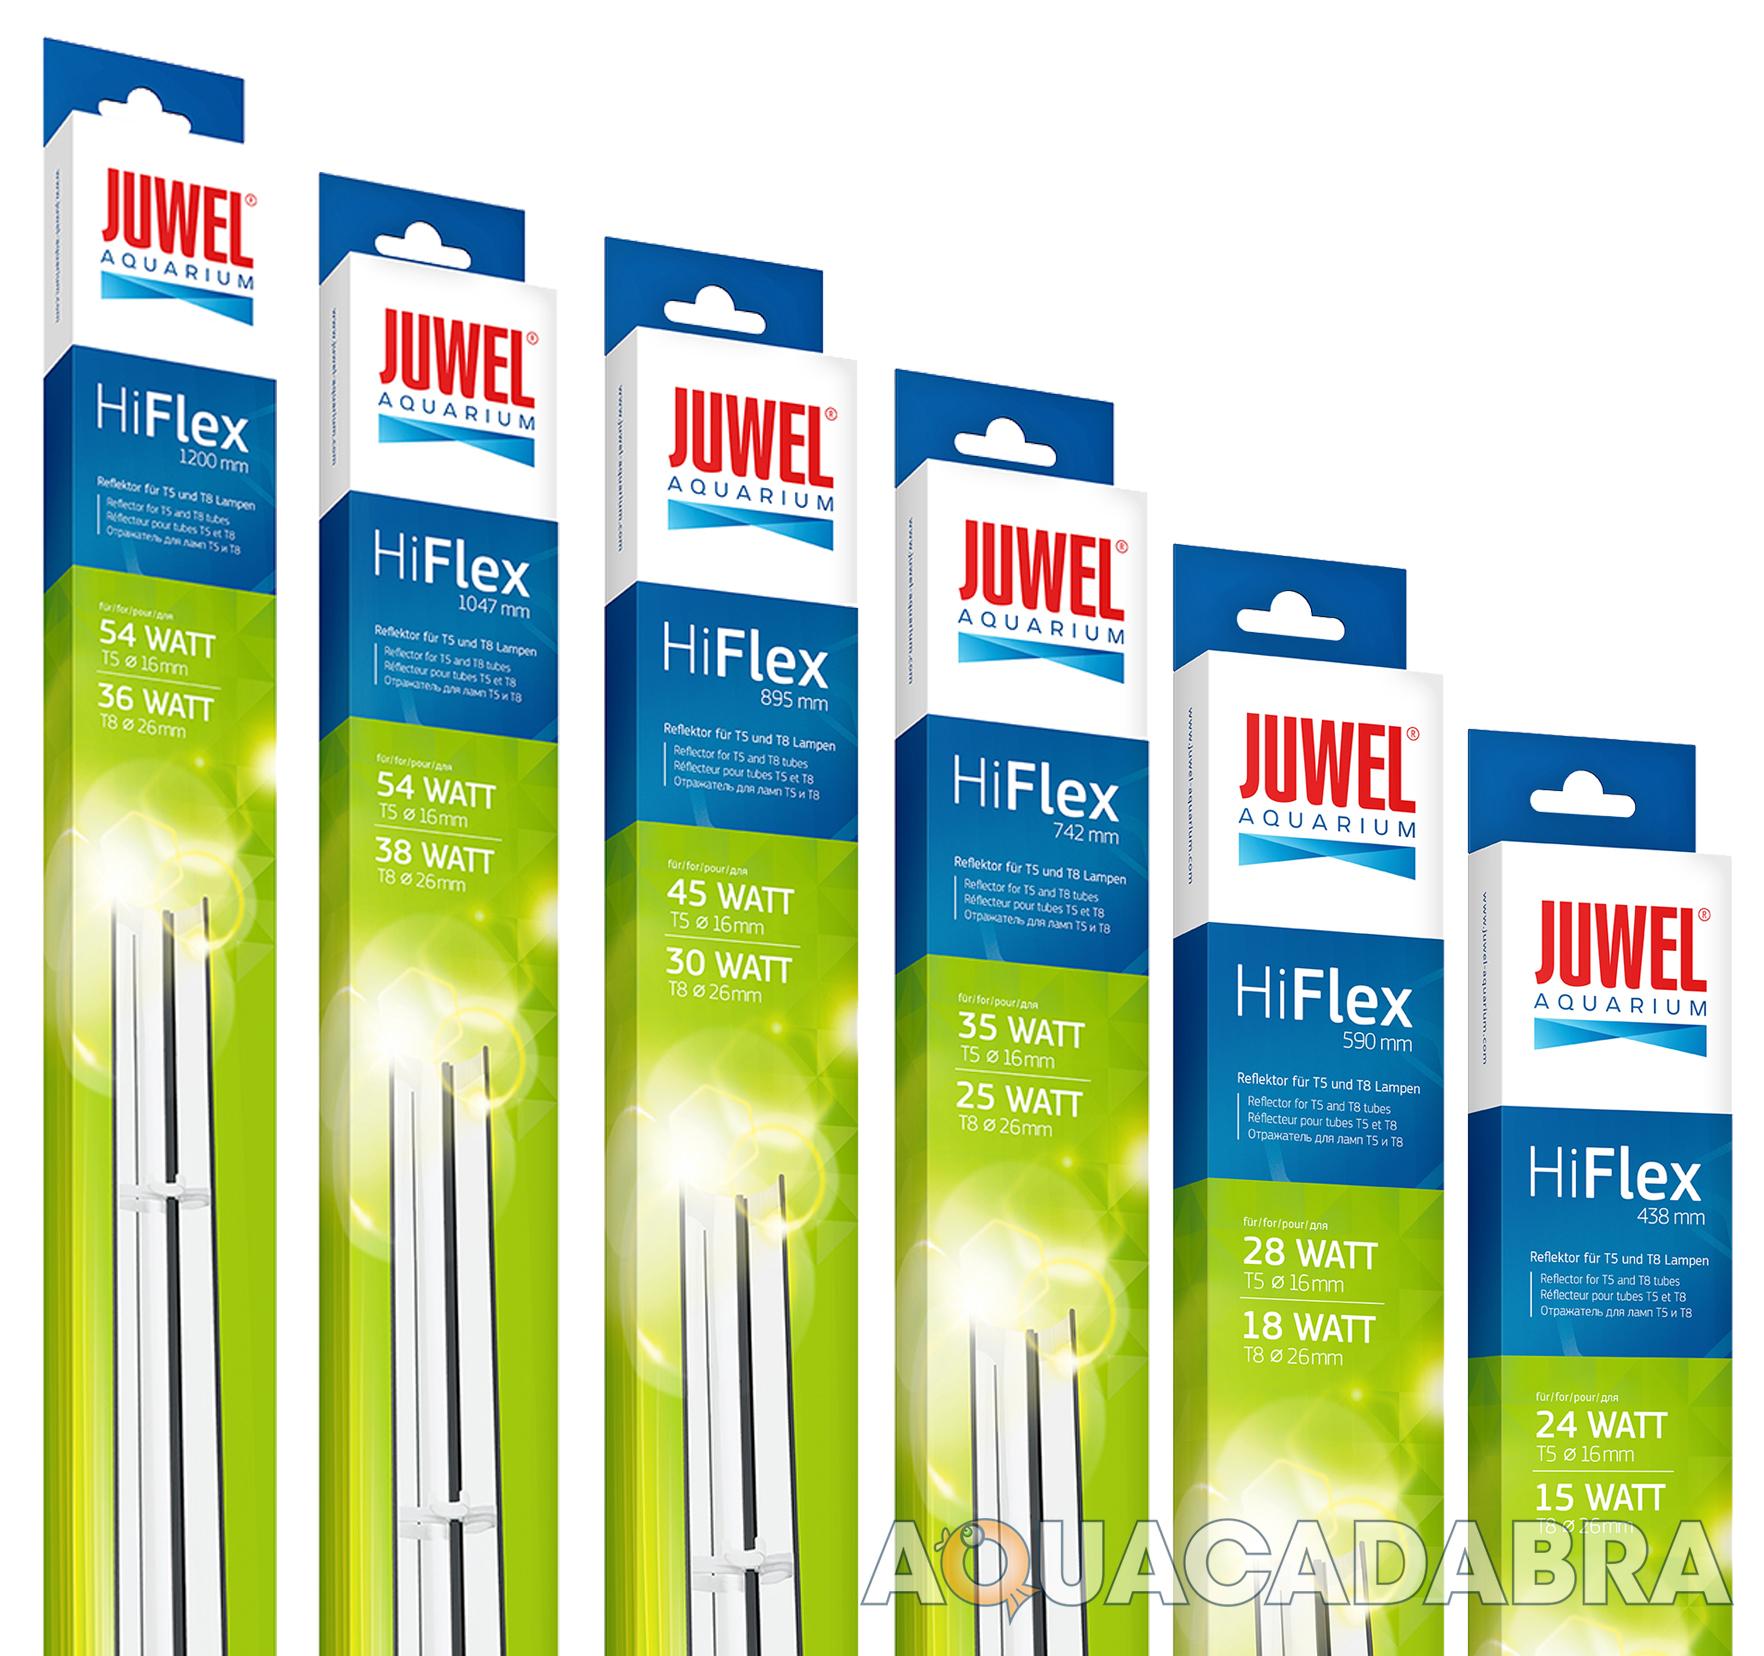 Juwel aquarium fish tank - Juwel Hiflex Reflectors Clips For T5 T8 Bulbs For Juwel Aquarium Range